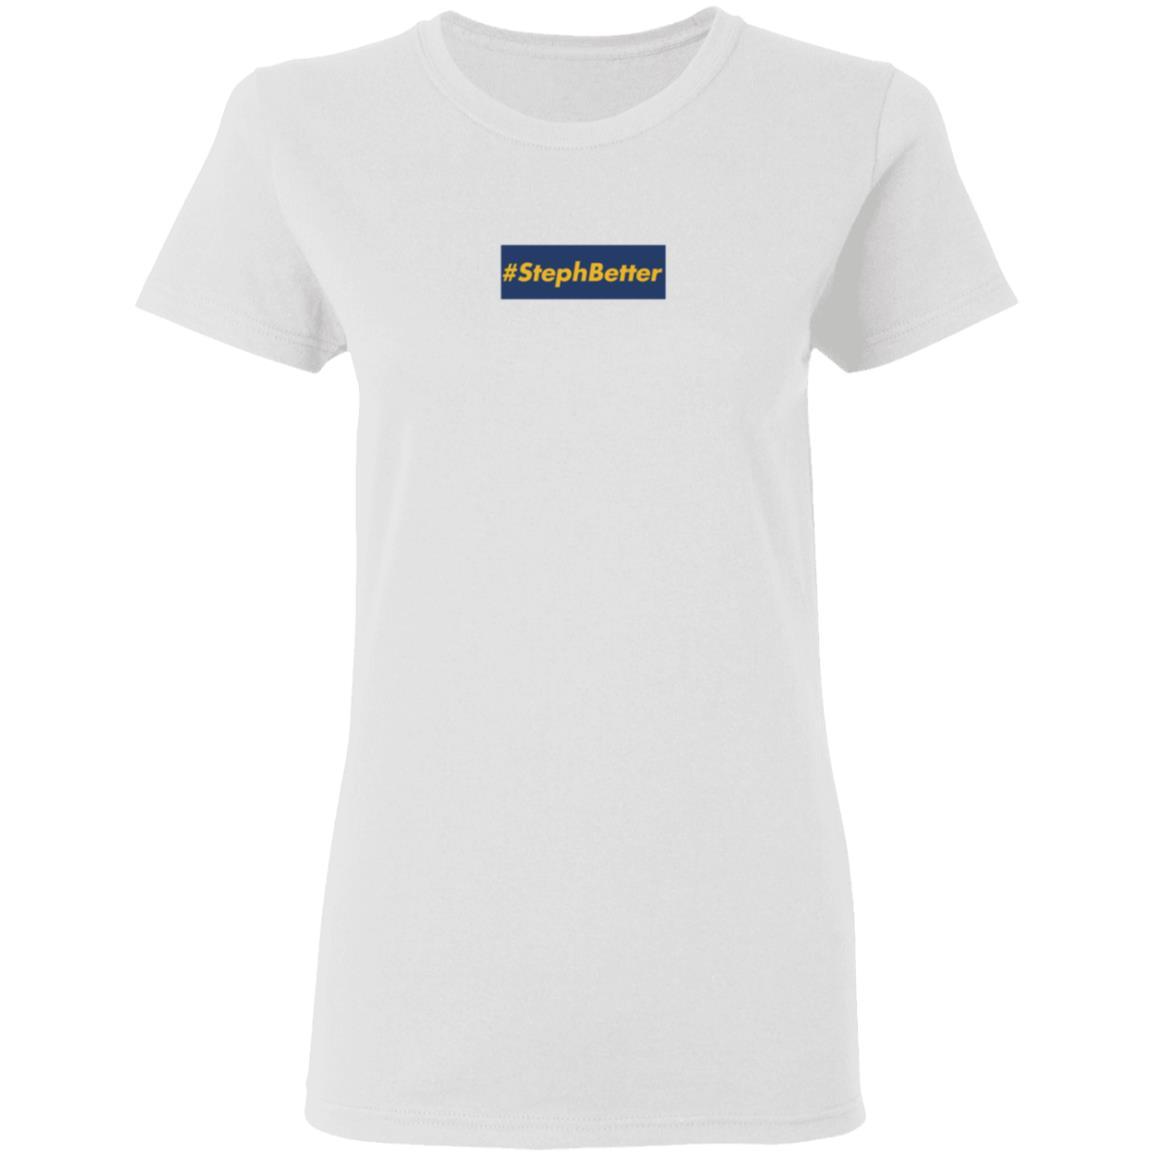 #Stephbetter T Shirt keith dobkowski